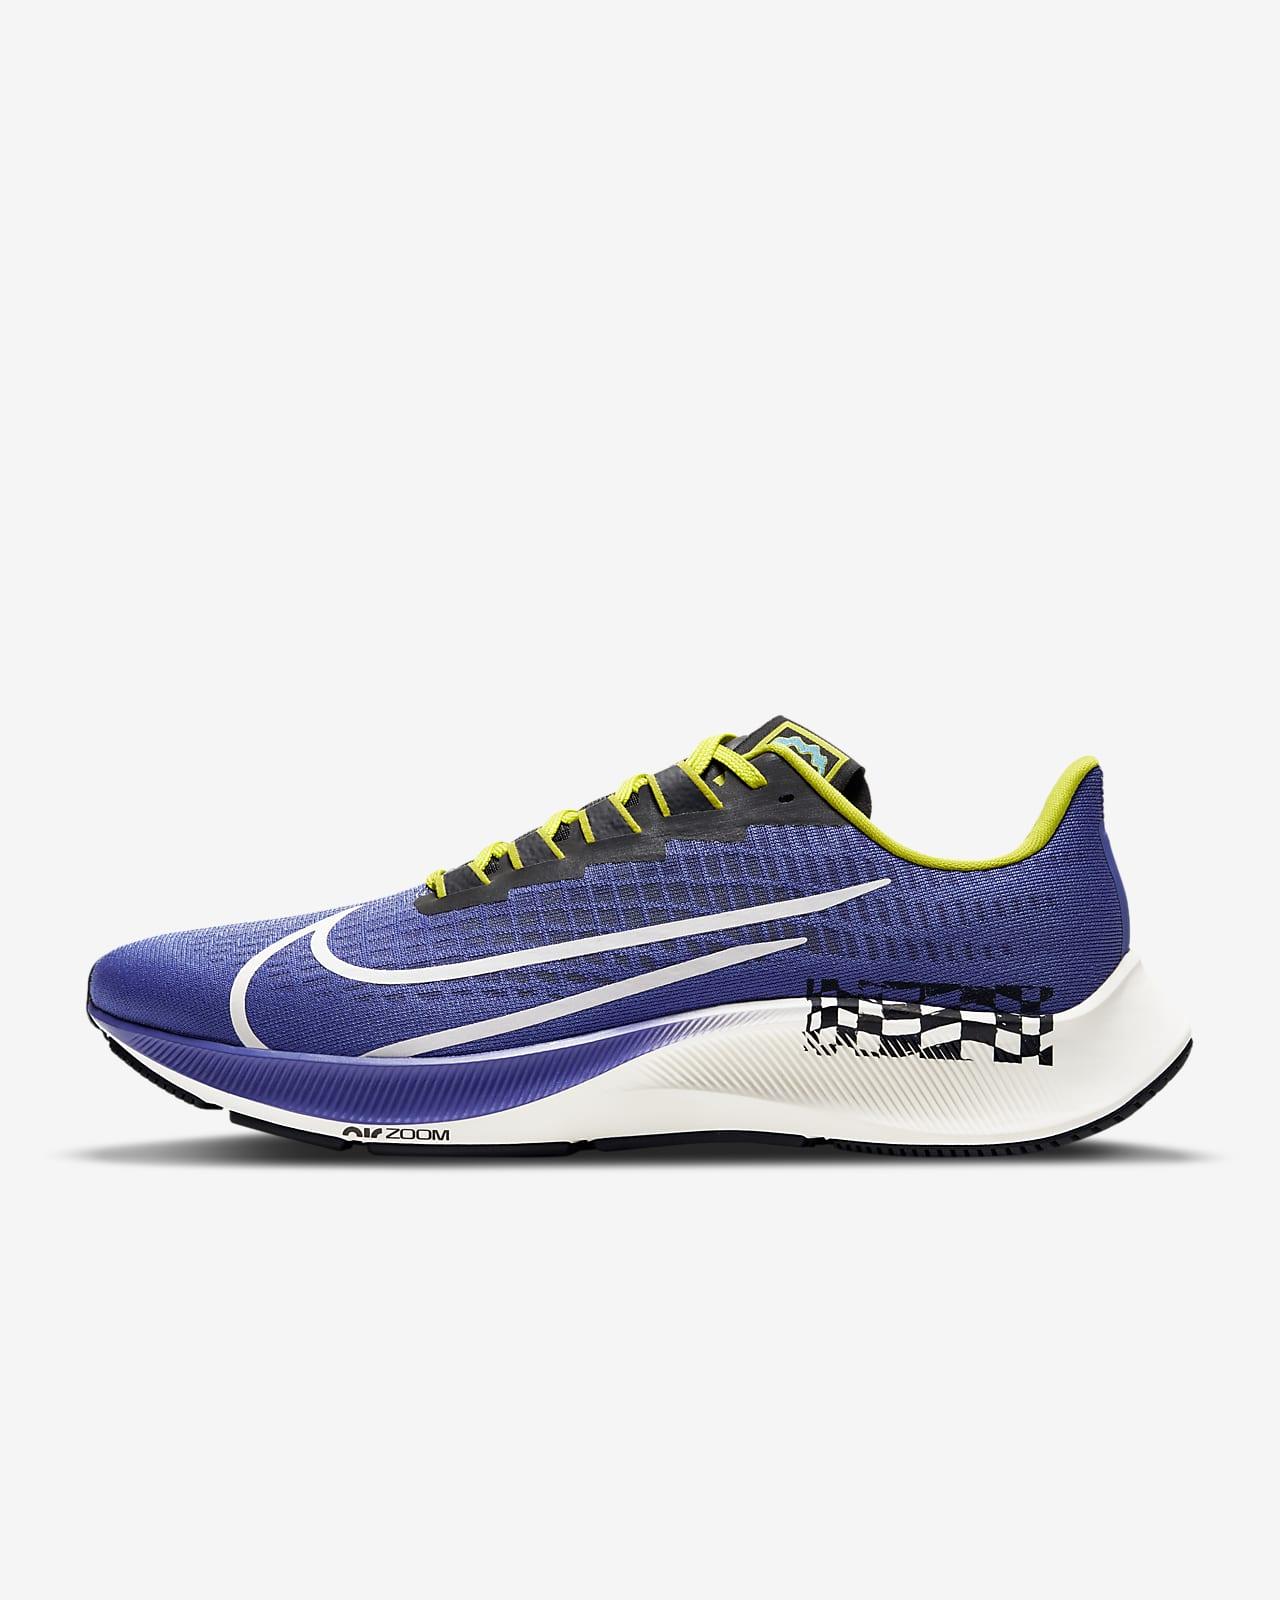 Nike Air Zoom Pegasus 37 A.I.R. Buty do biegania Chaz Bear